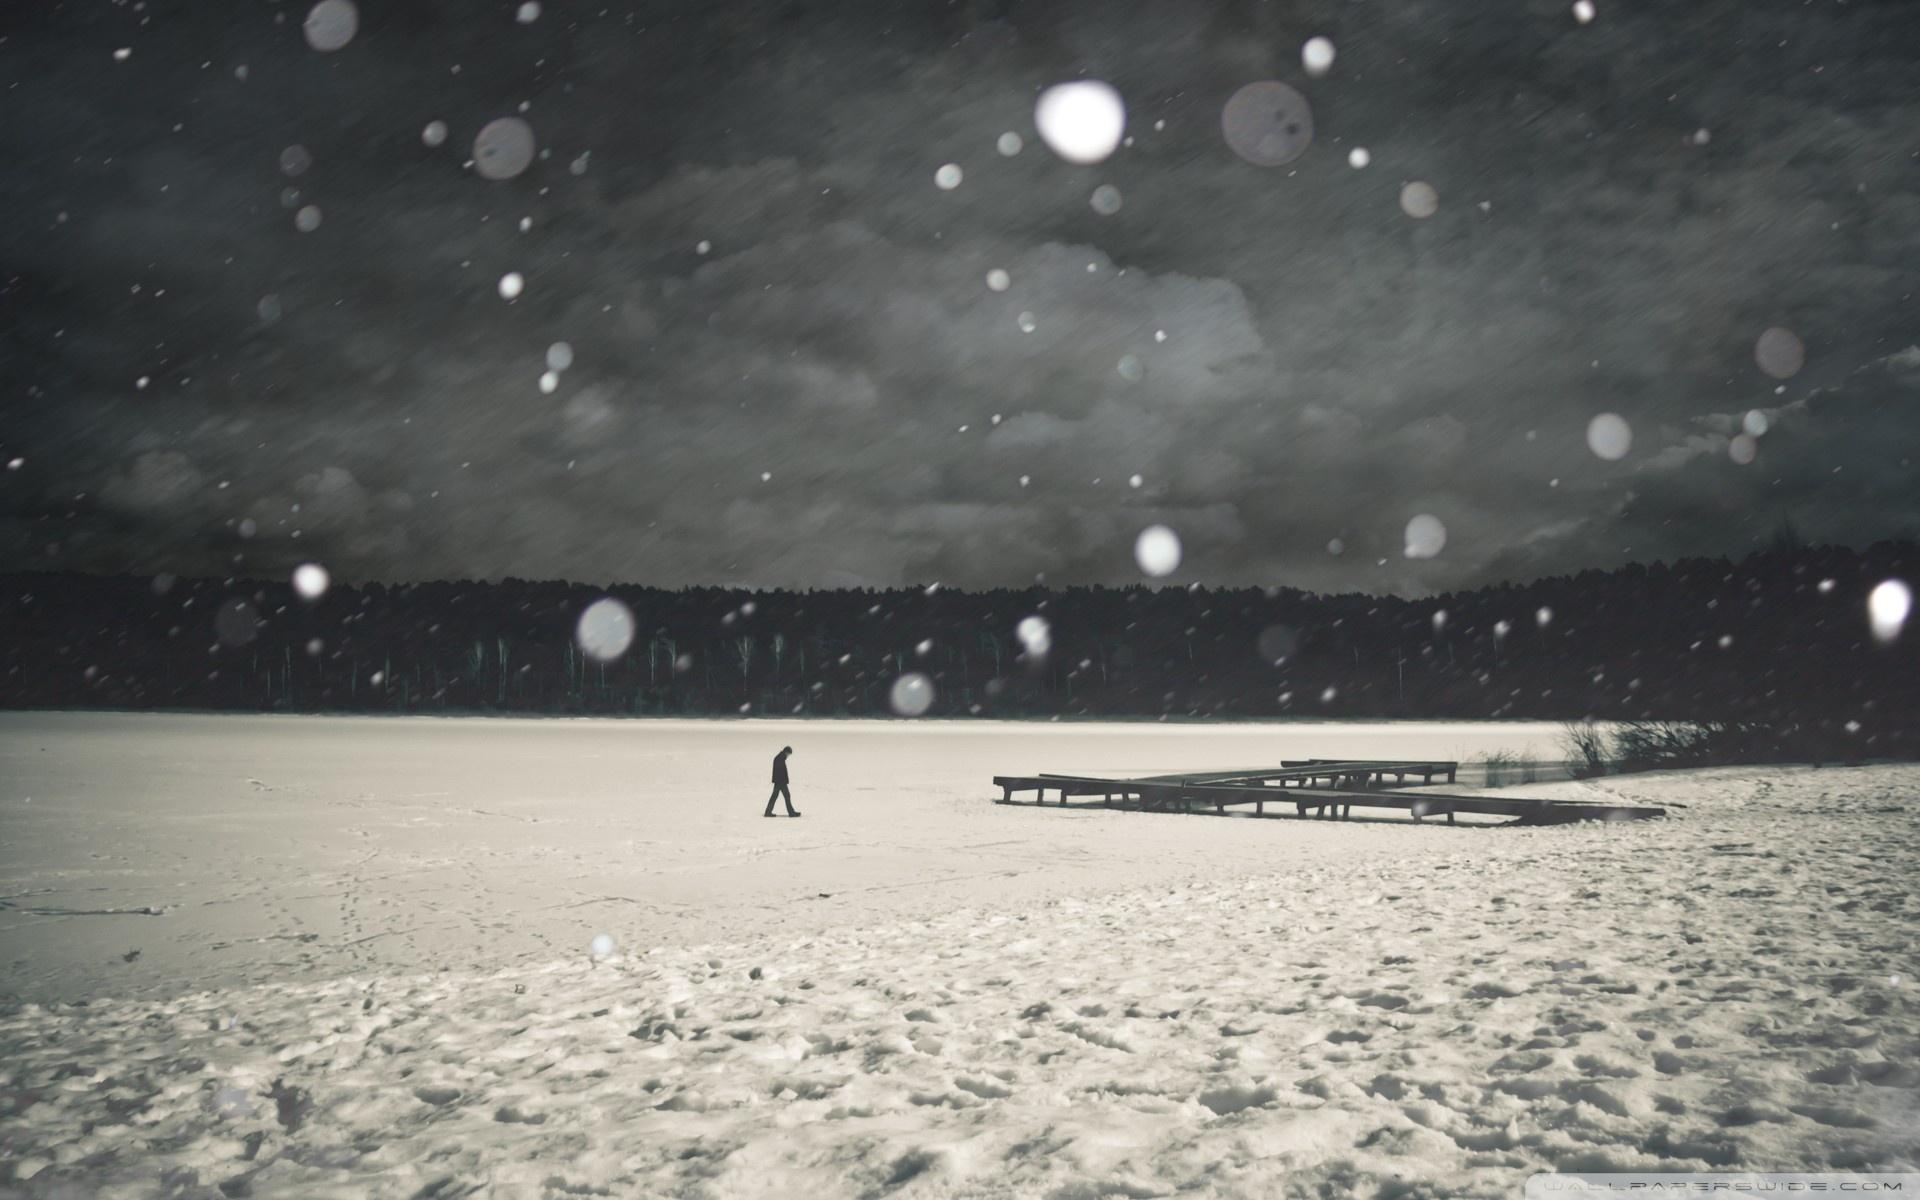 Hình nền cô đơn cực đẹp một người lầm lũi bước đi trong mưa tuyết